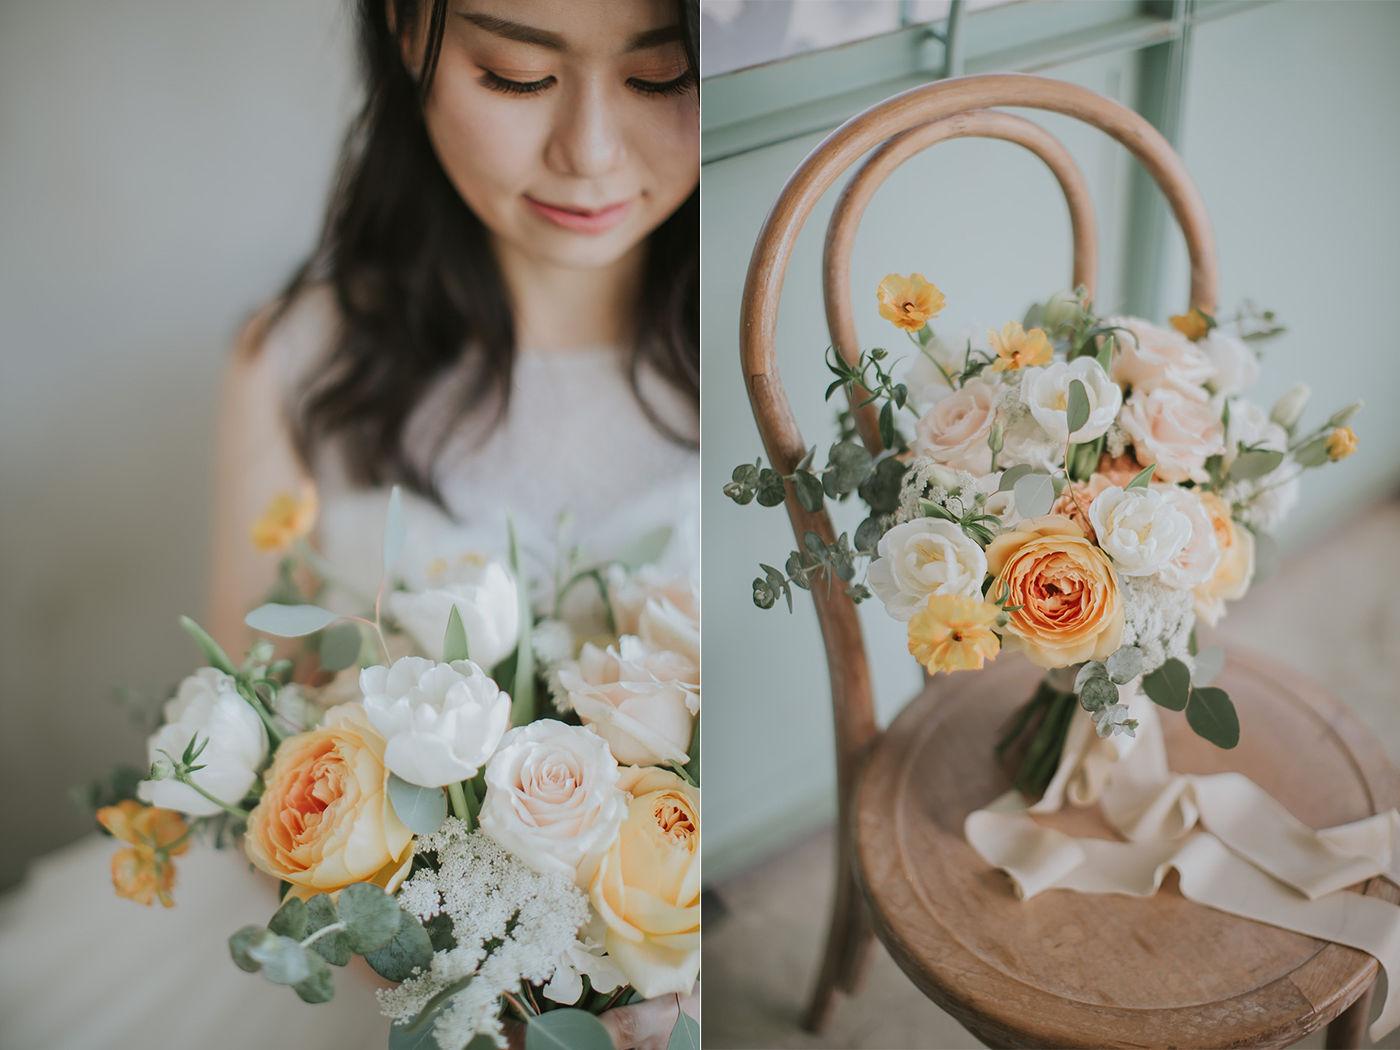 淡江大學婚紗-STAGE-美式婚紗-Alen Tsai-True Lace婚紗-新秘造型師Gina